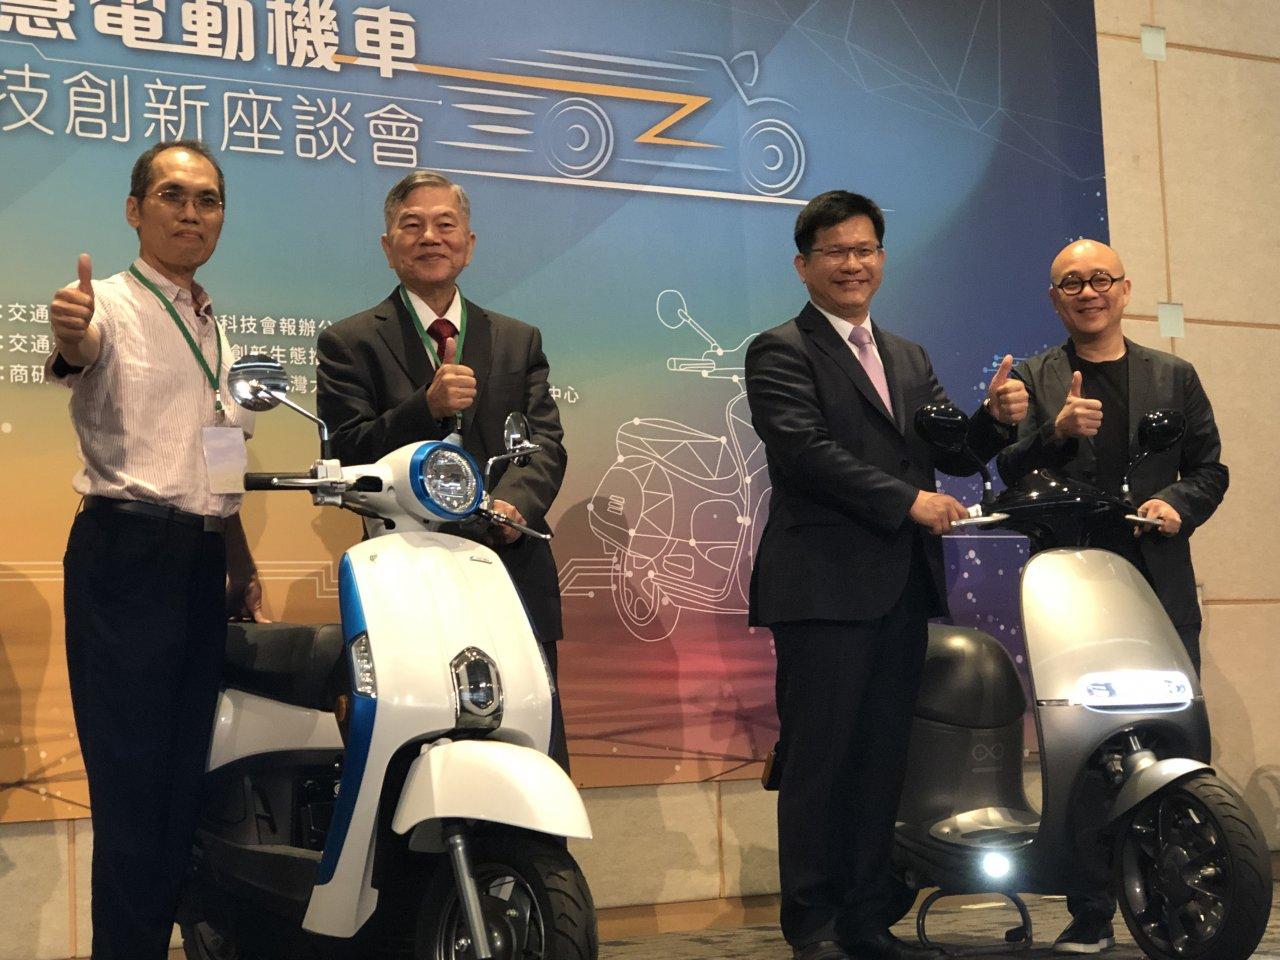 交部攜手經部 成立e-Moto國家隊打世界盃